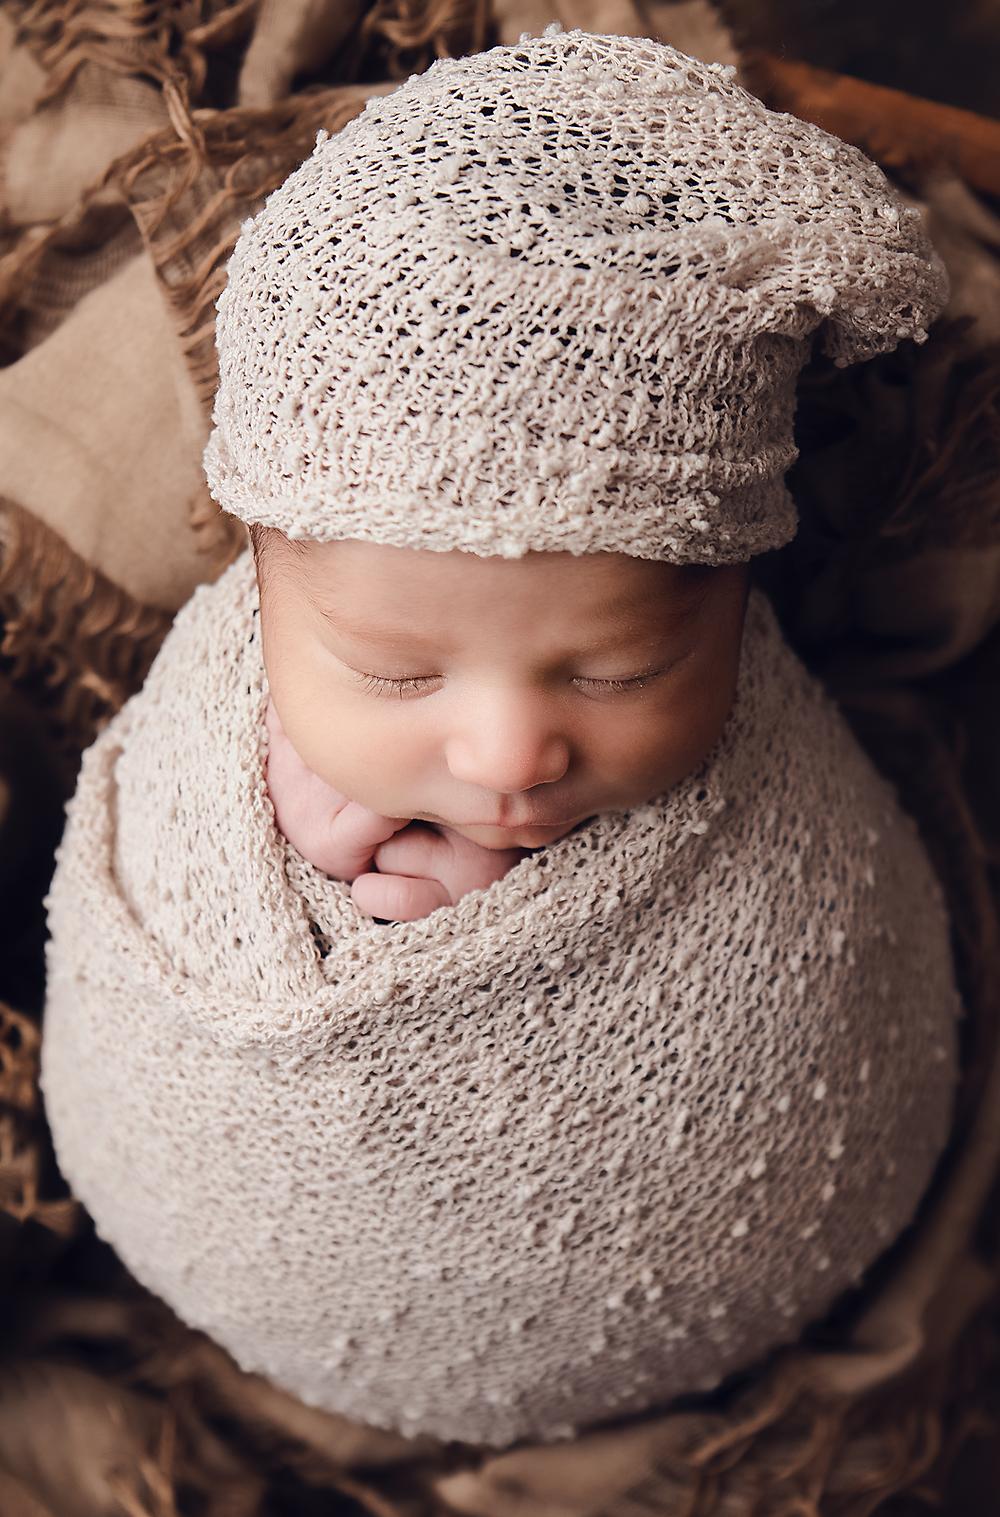 newborn photography, newborn baby, newborn photographer, newborn pictures, rustic baby